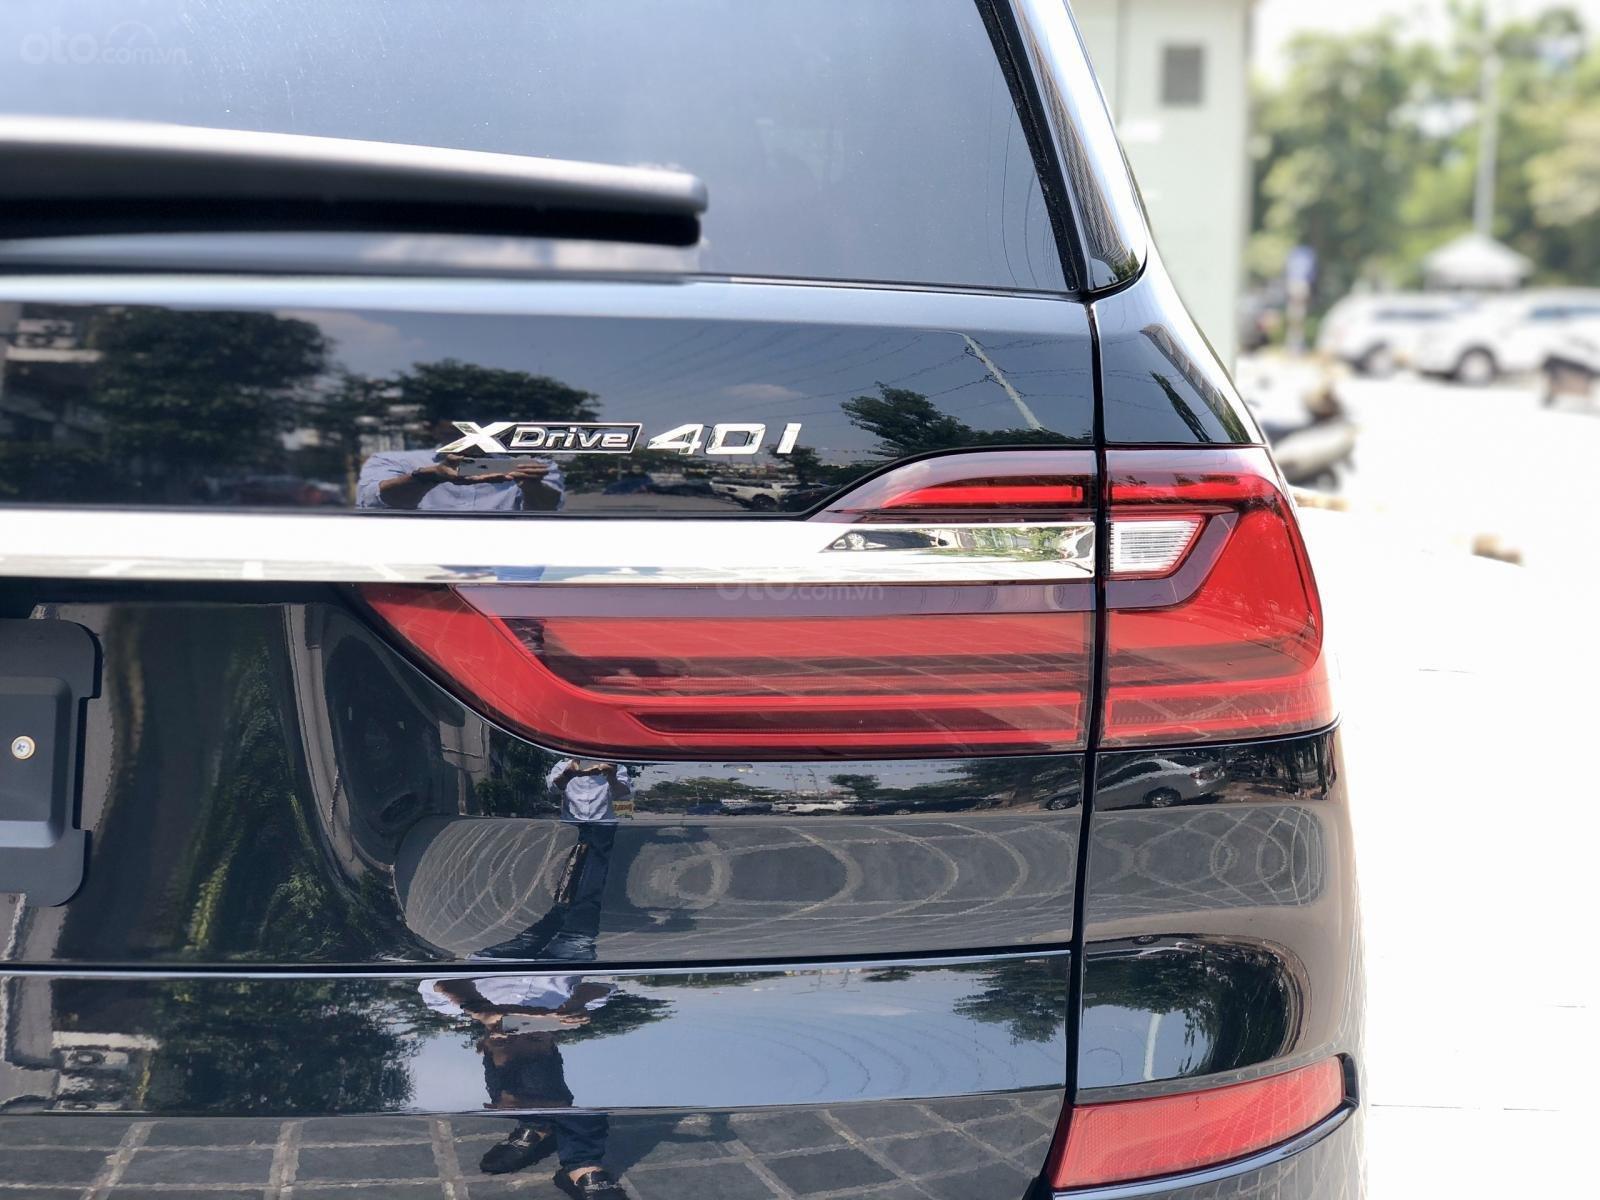 Bán BMW X7 XDrive40i M-Sport sản xuất năm 2019 full kịch option, màu đen, xe nhập Mỹ, mới 100% giao ngay, LH 0982.84.2838 (16)